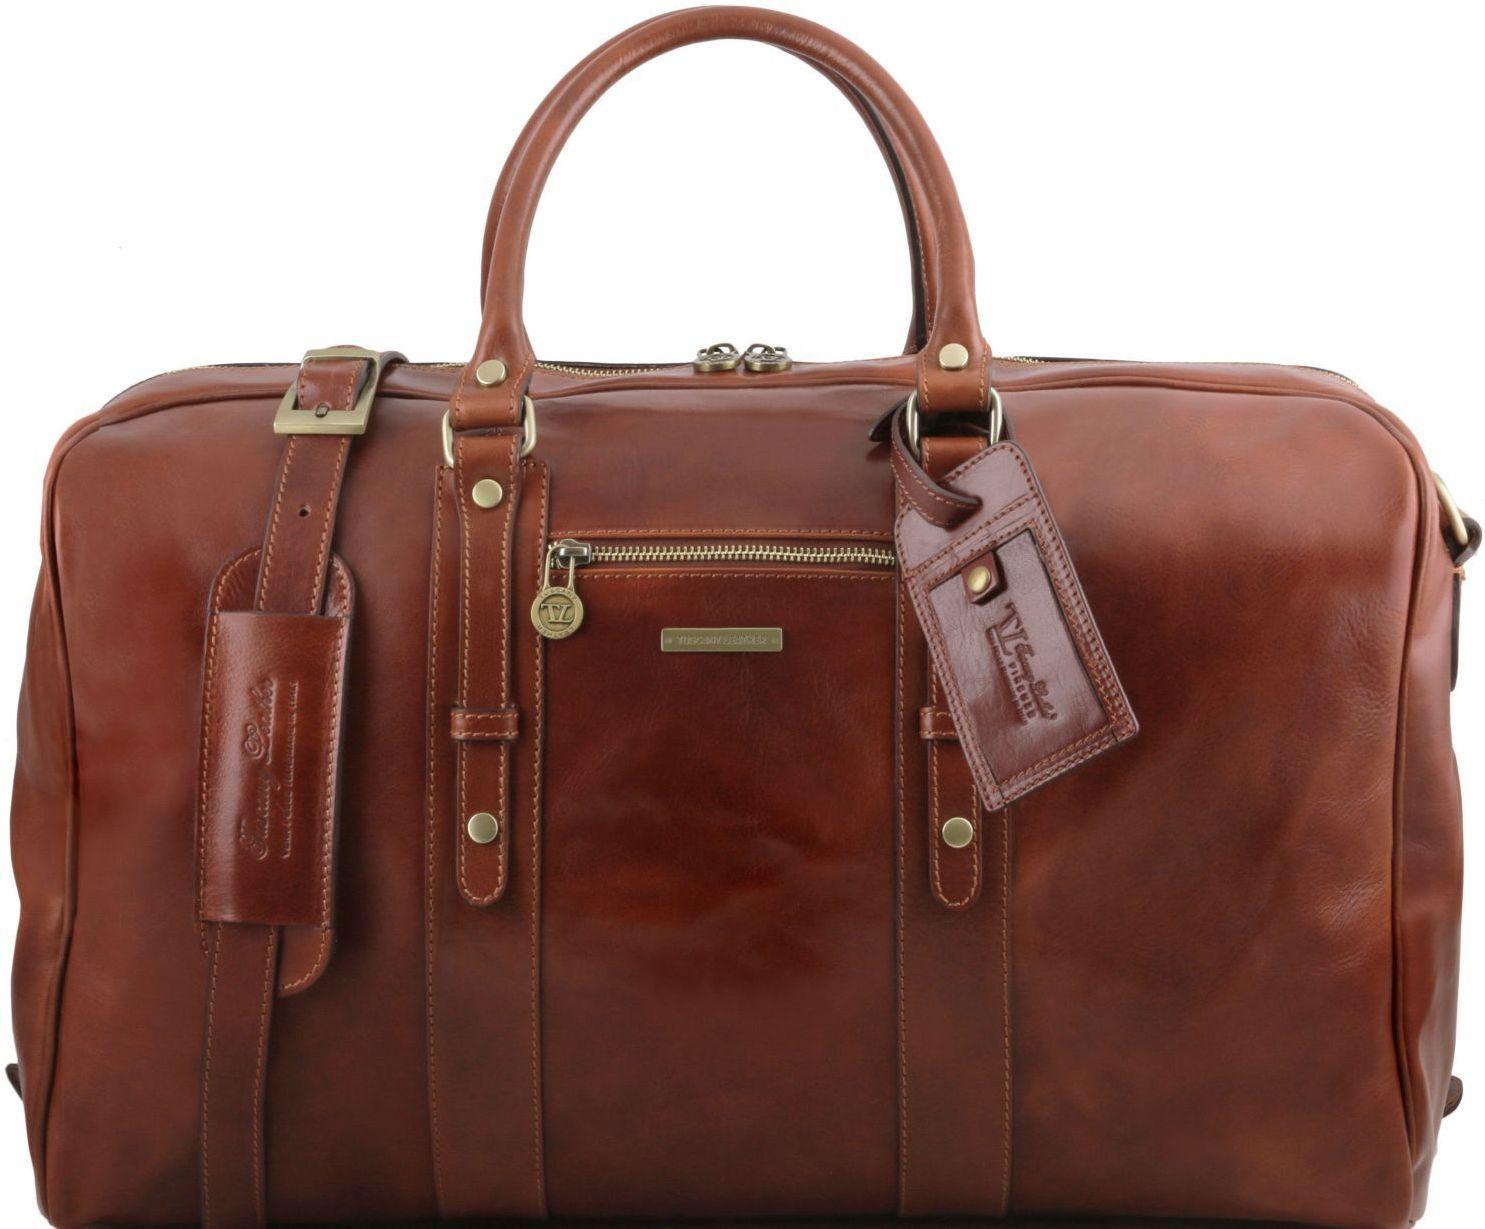 Σάκος ταξιδίου δερμάτινος TL Voyager – TL141401 Καφέ Tuscany Leather